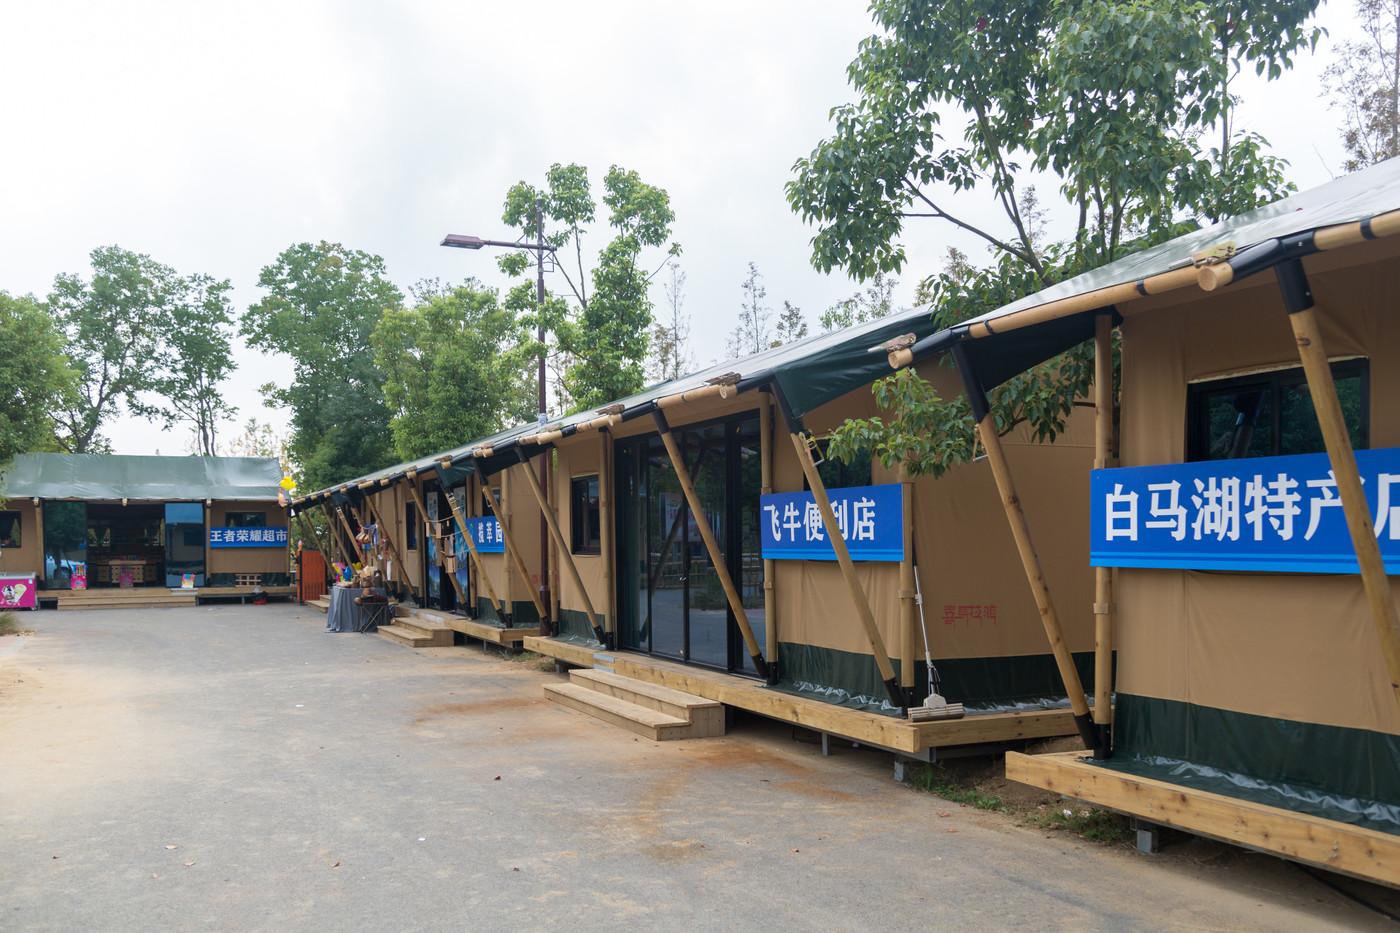 喜马拉雅野奢帐篷酒店—淮安白马湖度假区商铺5